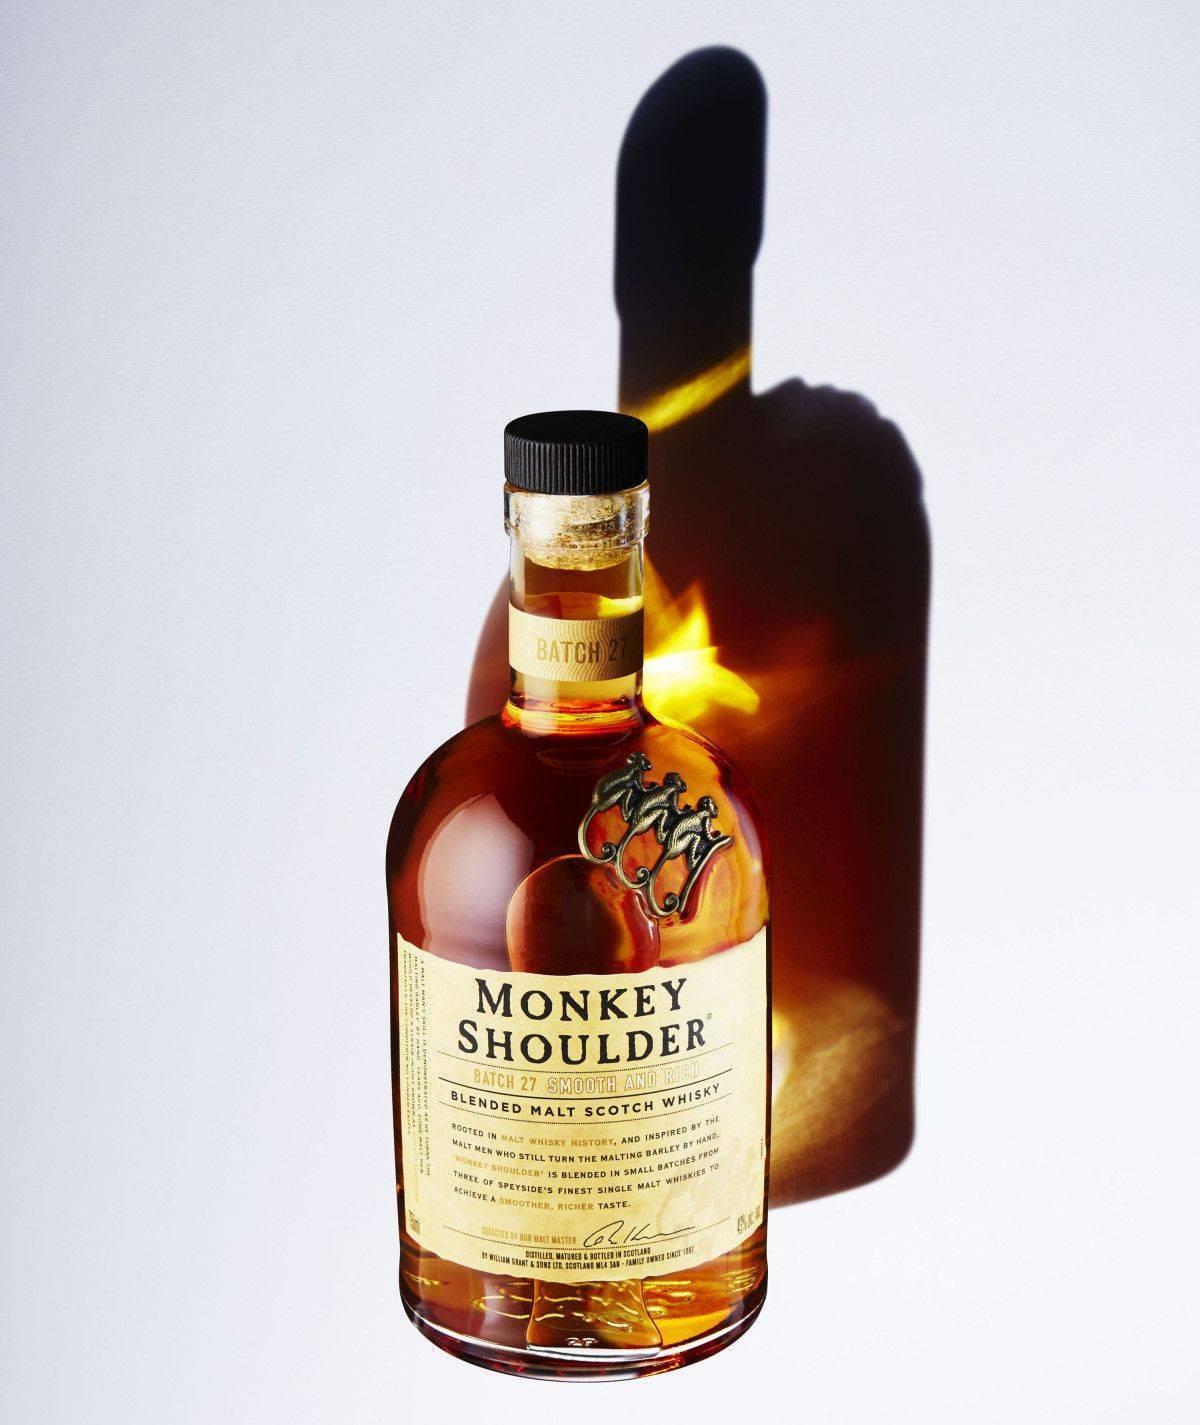 Виски monkey shoulder (манки шоудер)